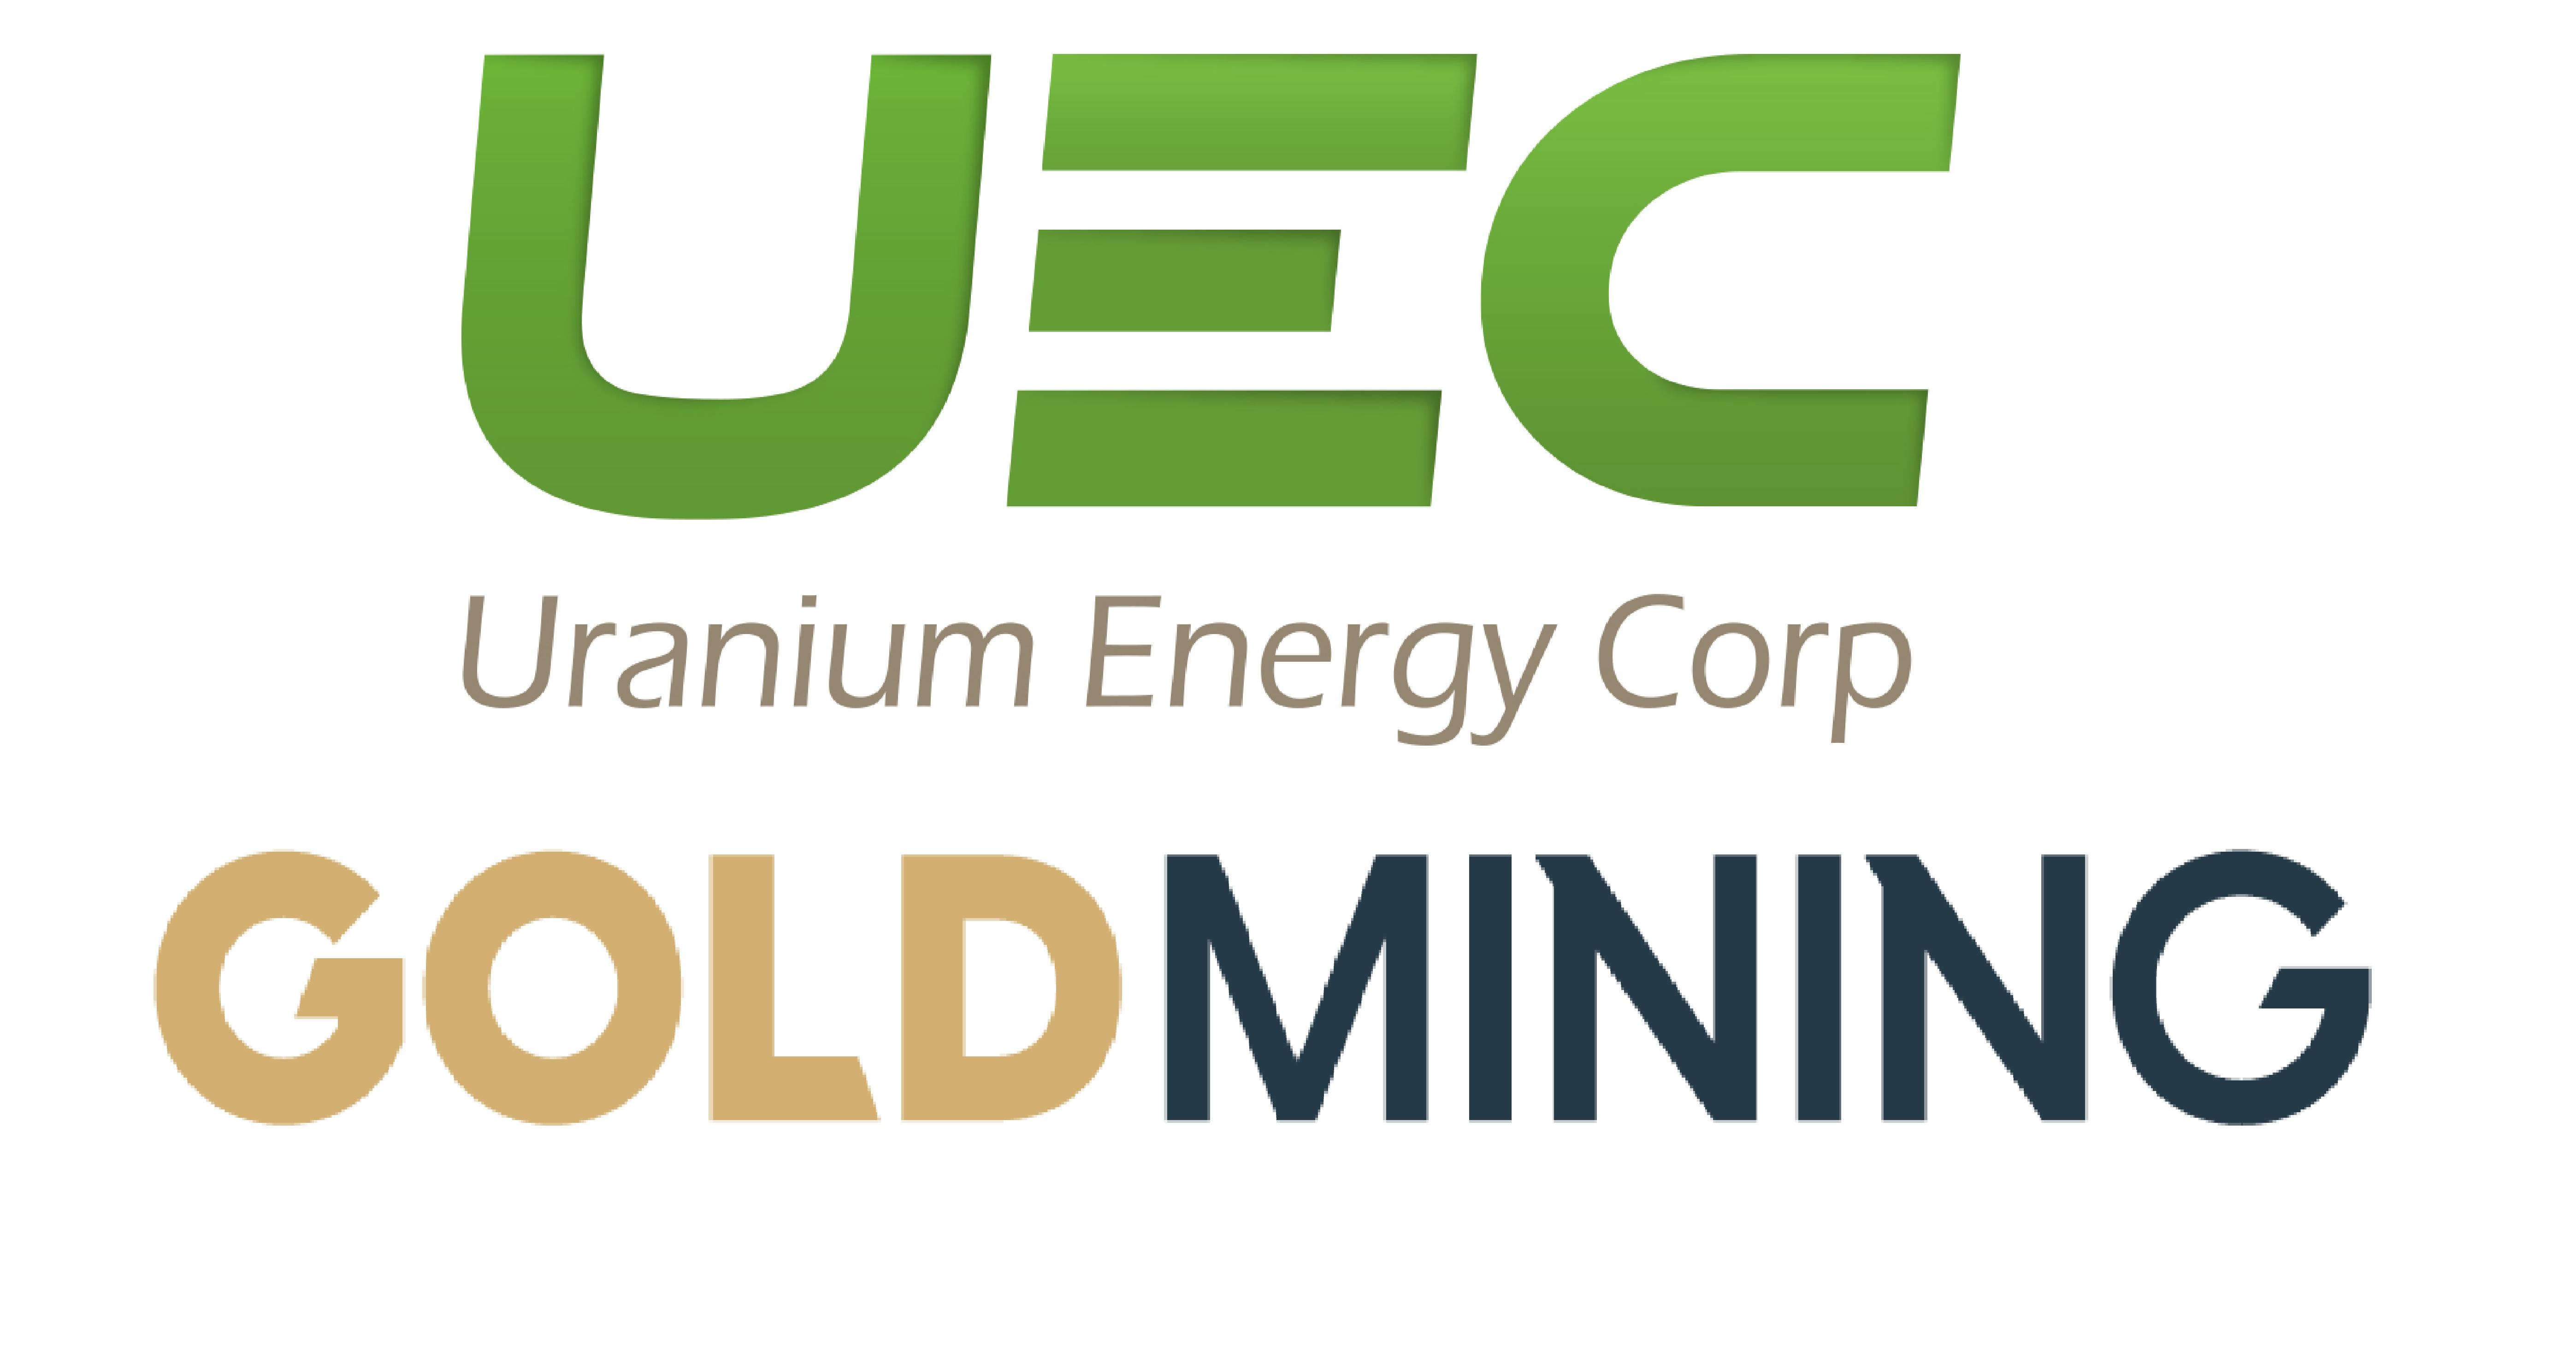 Uranium Energy Corp. (UEC: NYSE) GoldMining Inc. (GOLD: TSX | GLDLF: OTCQX)